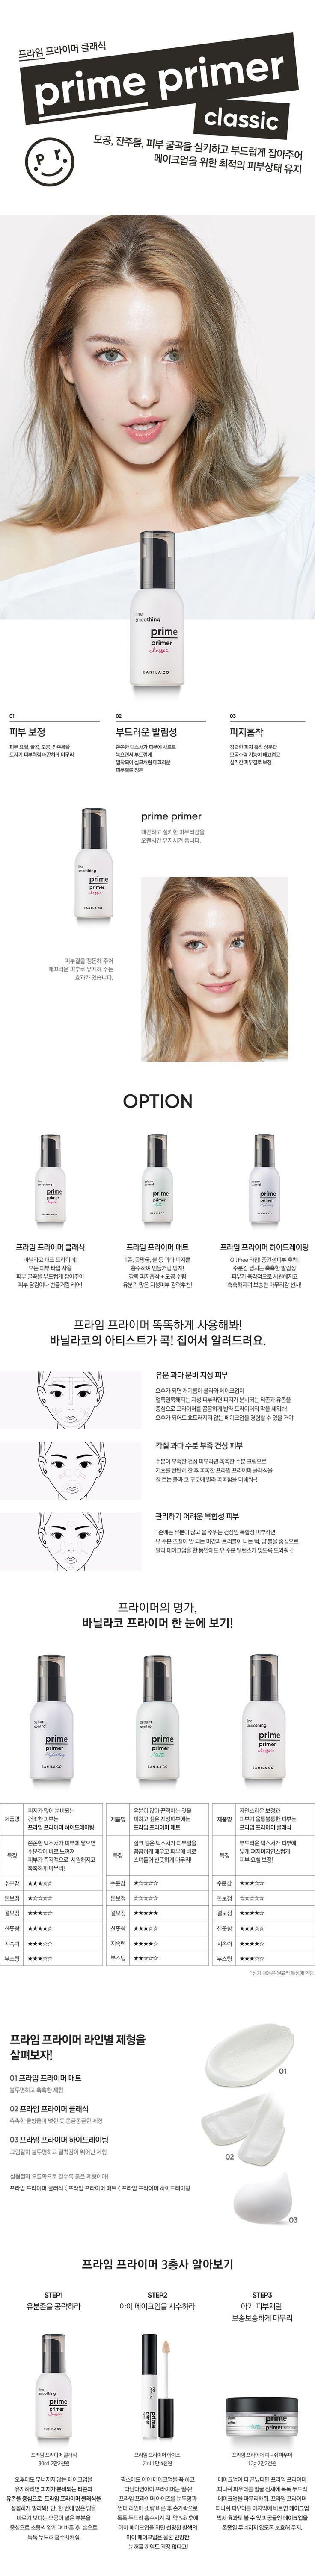 베이스-프라임 프라이머 클래식ㅣ바닐라코 skincare for make-up